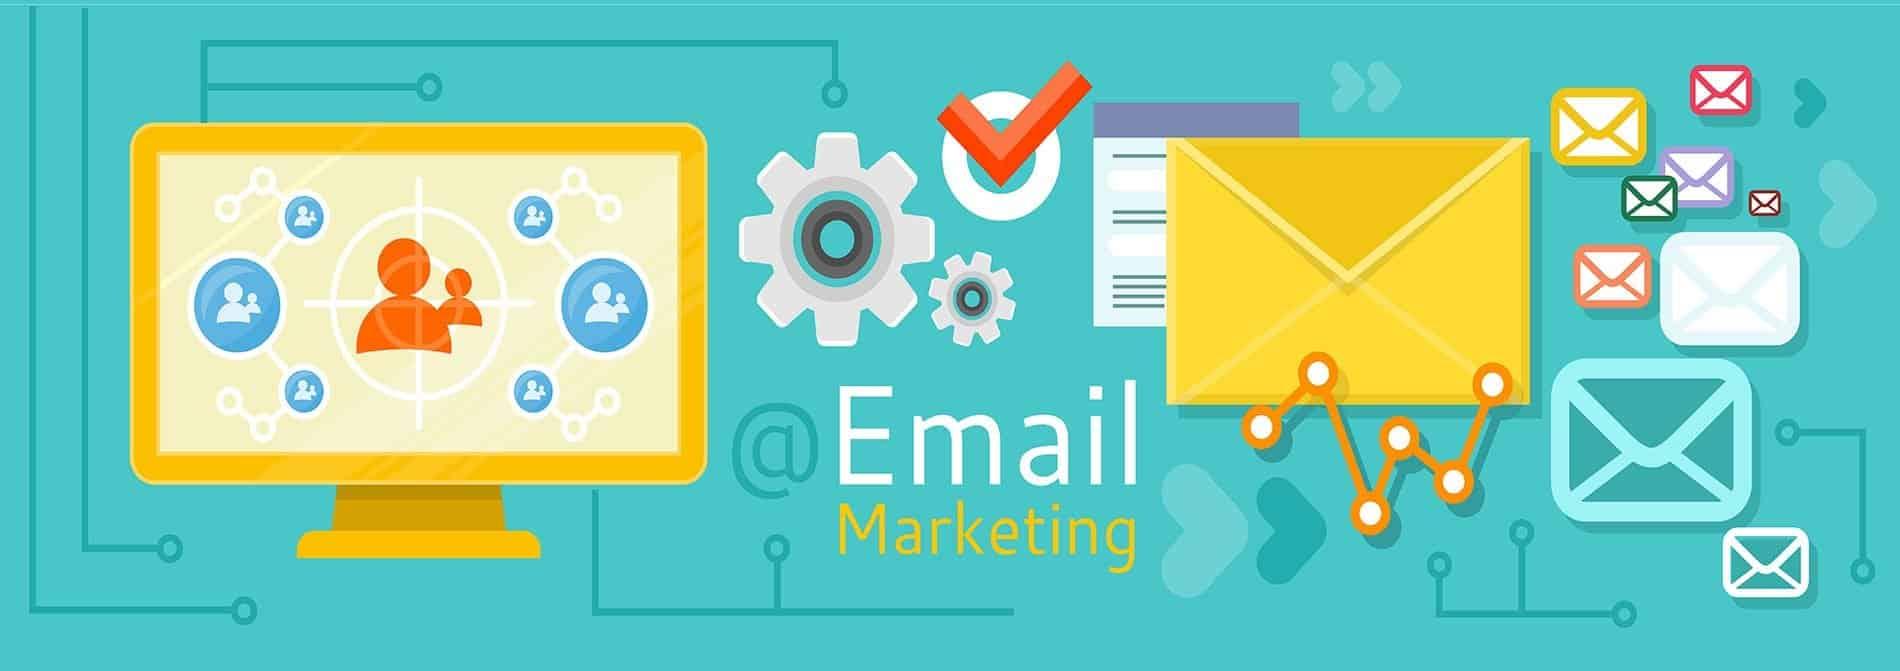 التسويق عبر البريد الإلكتروني وكيفية إرسال الرسائل إلى البريد مباشرة